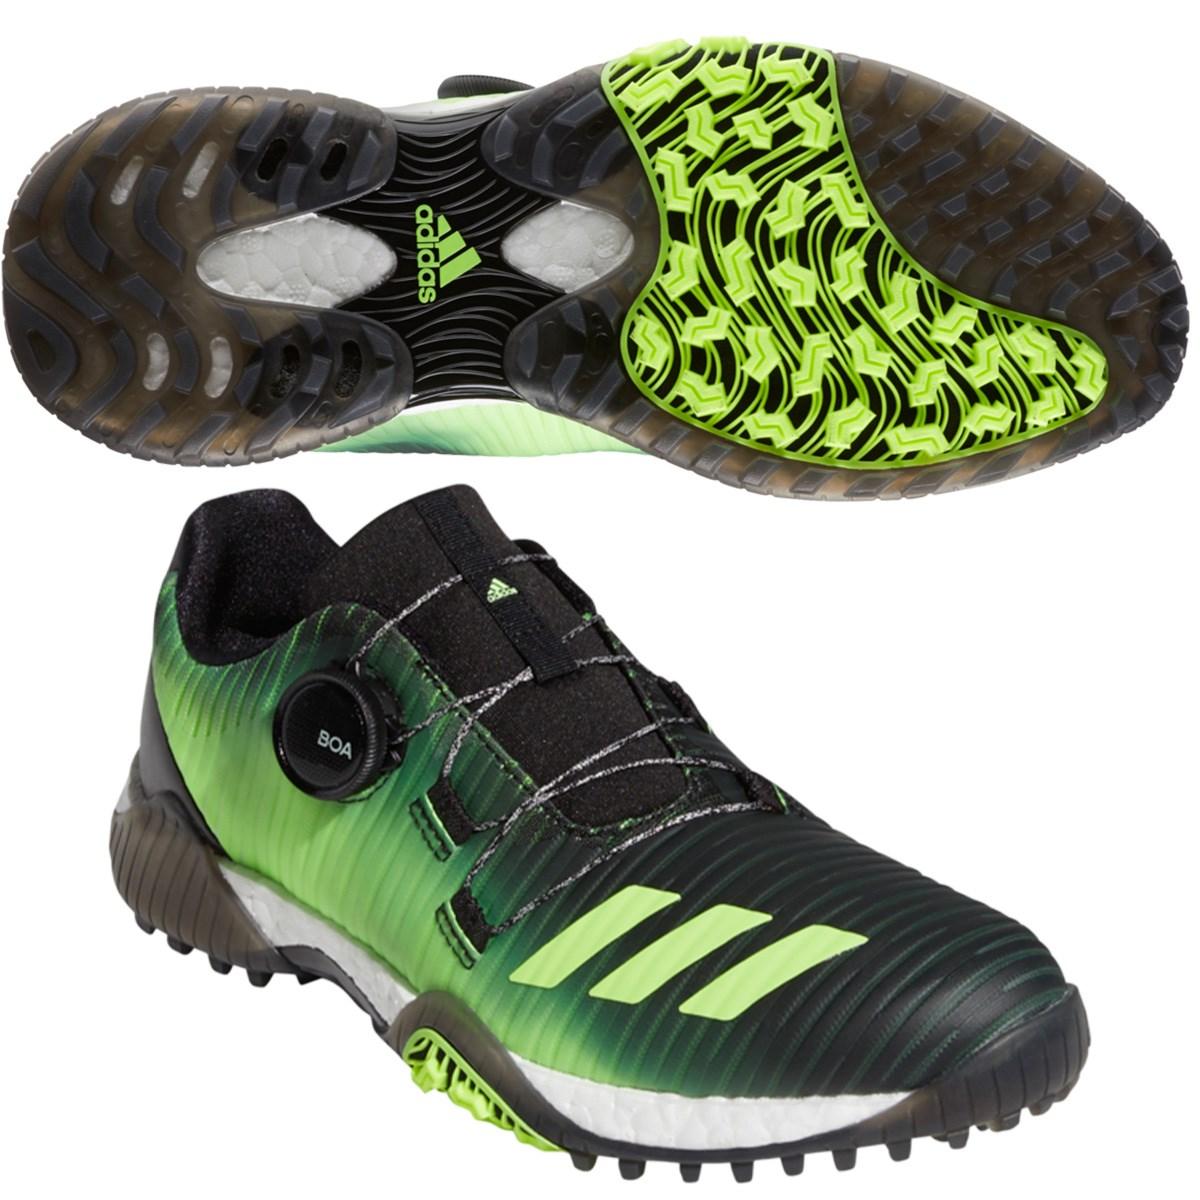 アディダス(adidas) コードカオス ボア シューズレディス